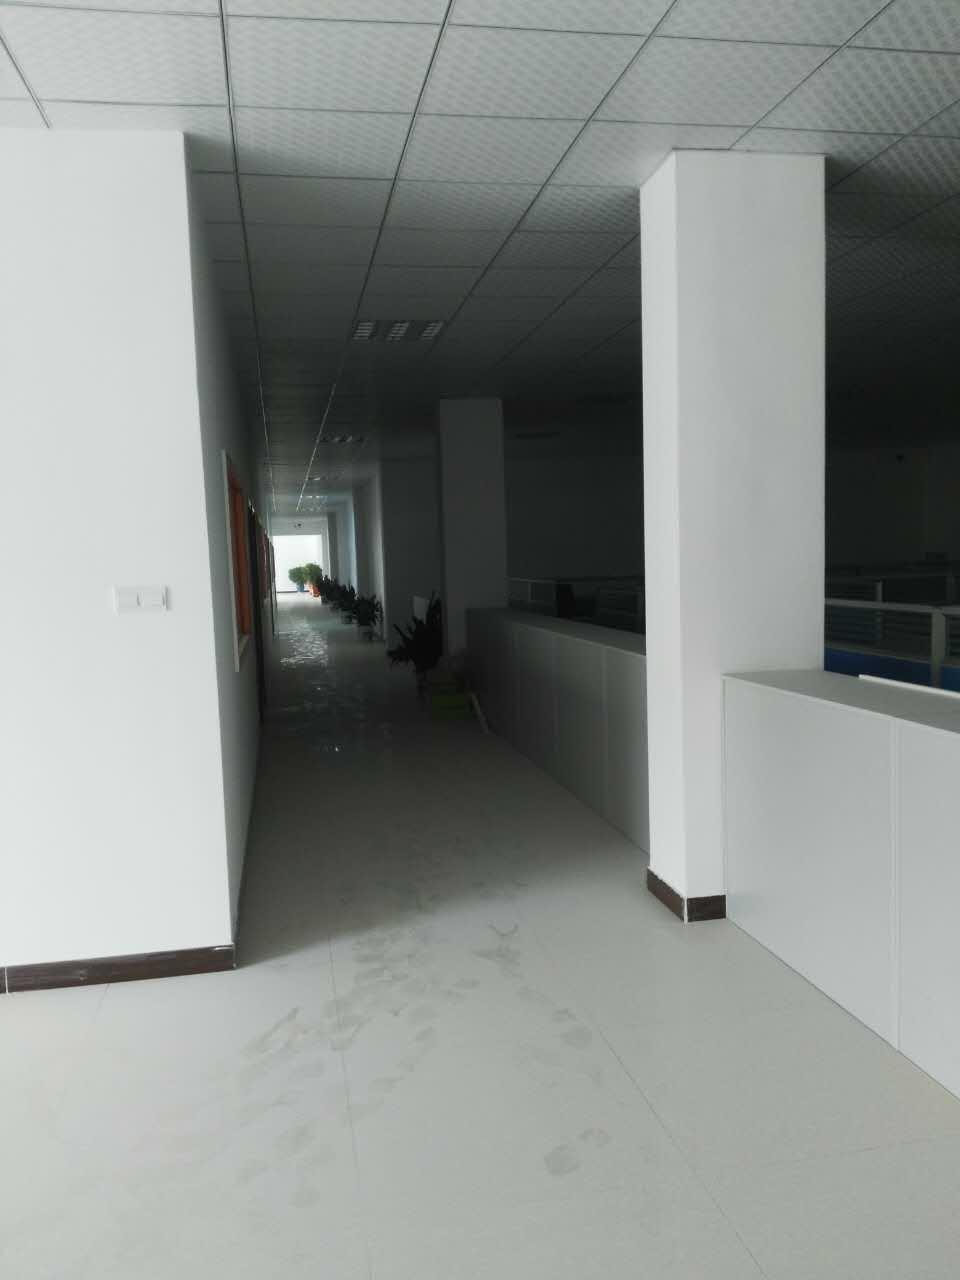 艾威尔电路(深圳)有限公司厂房